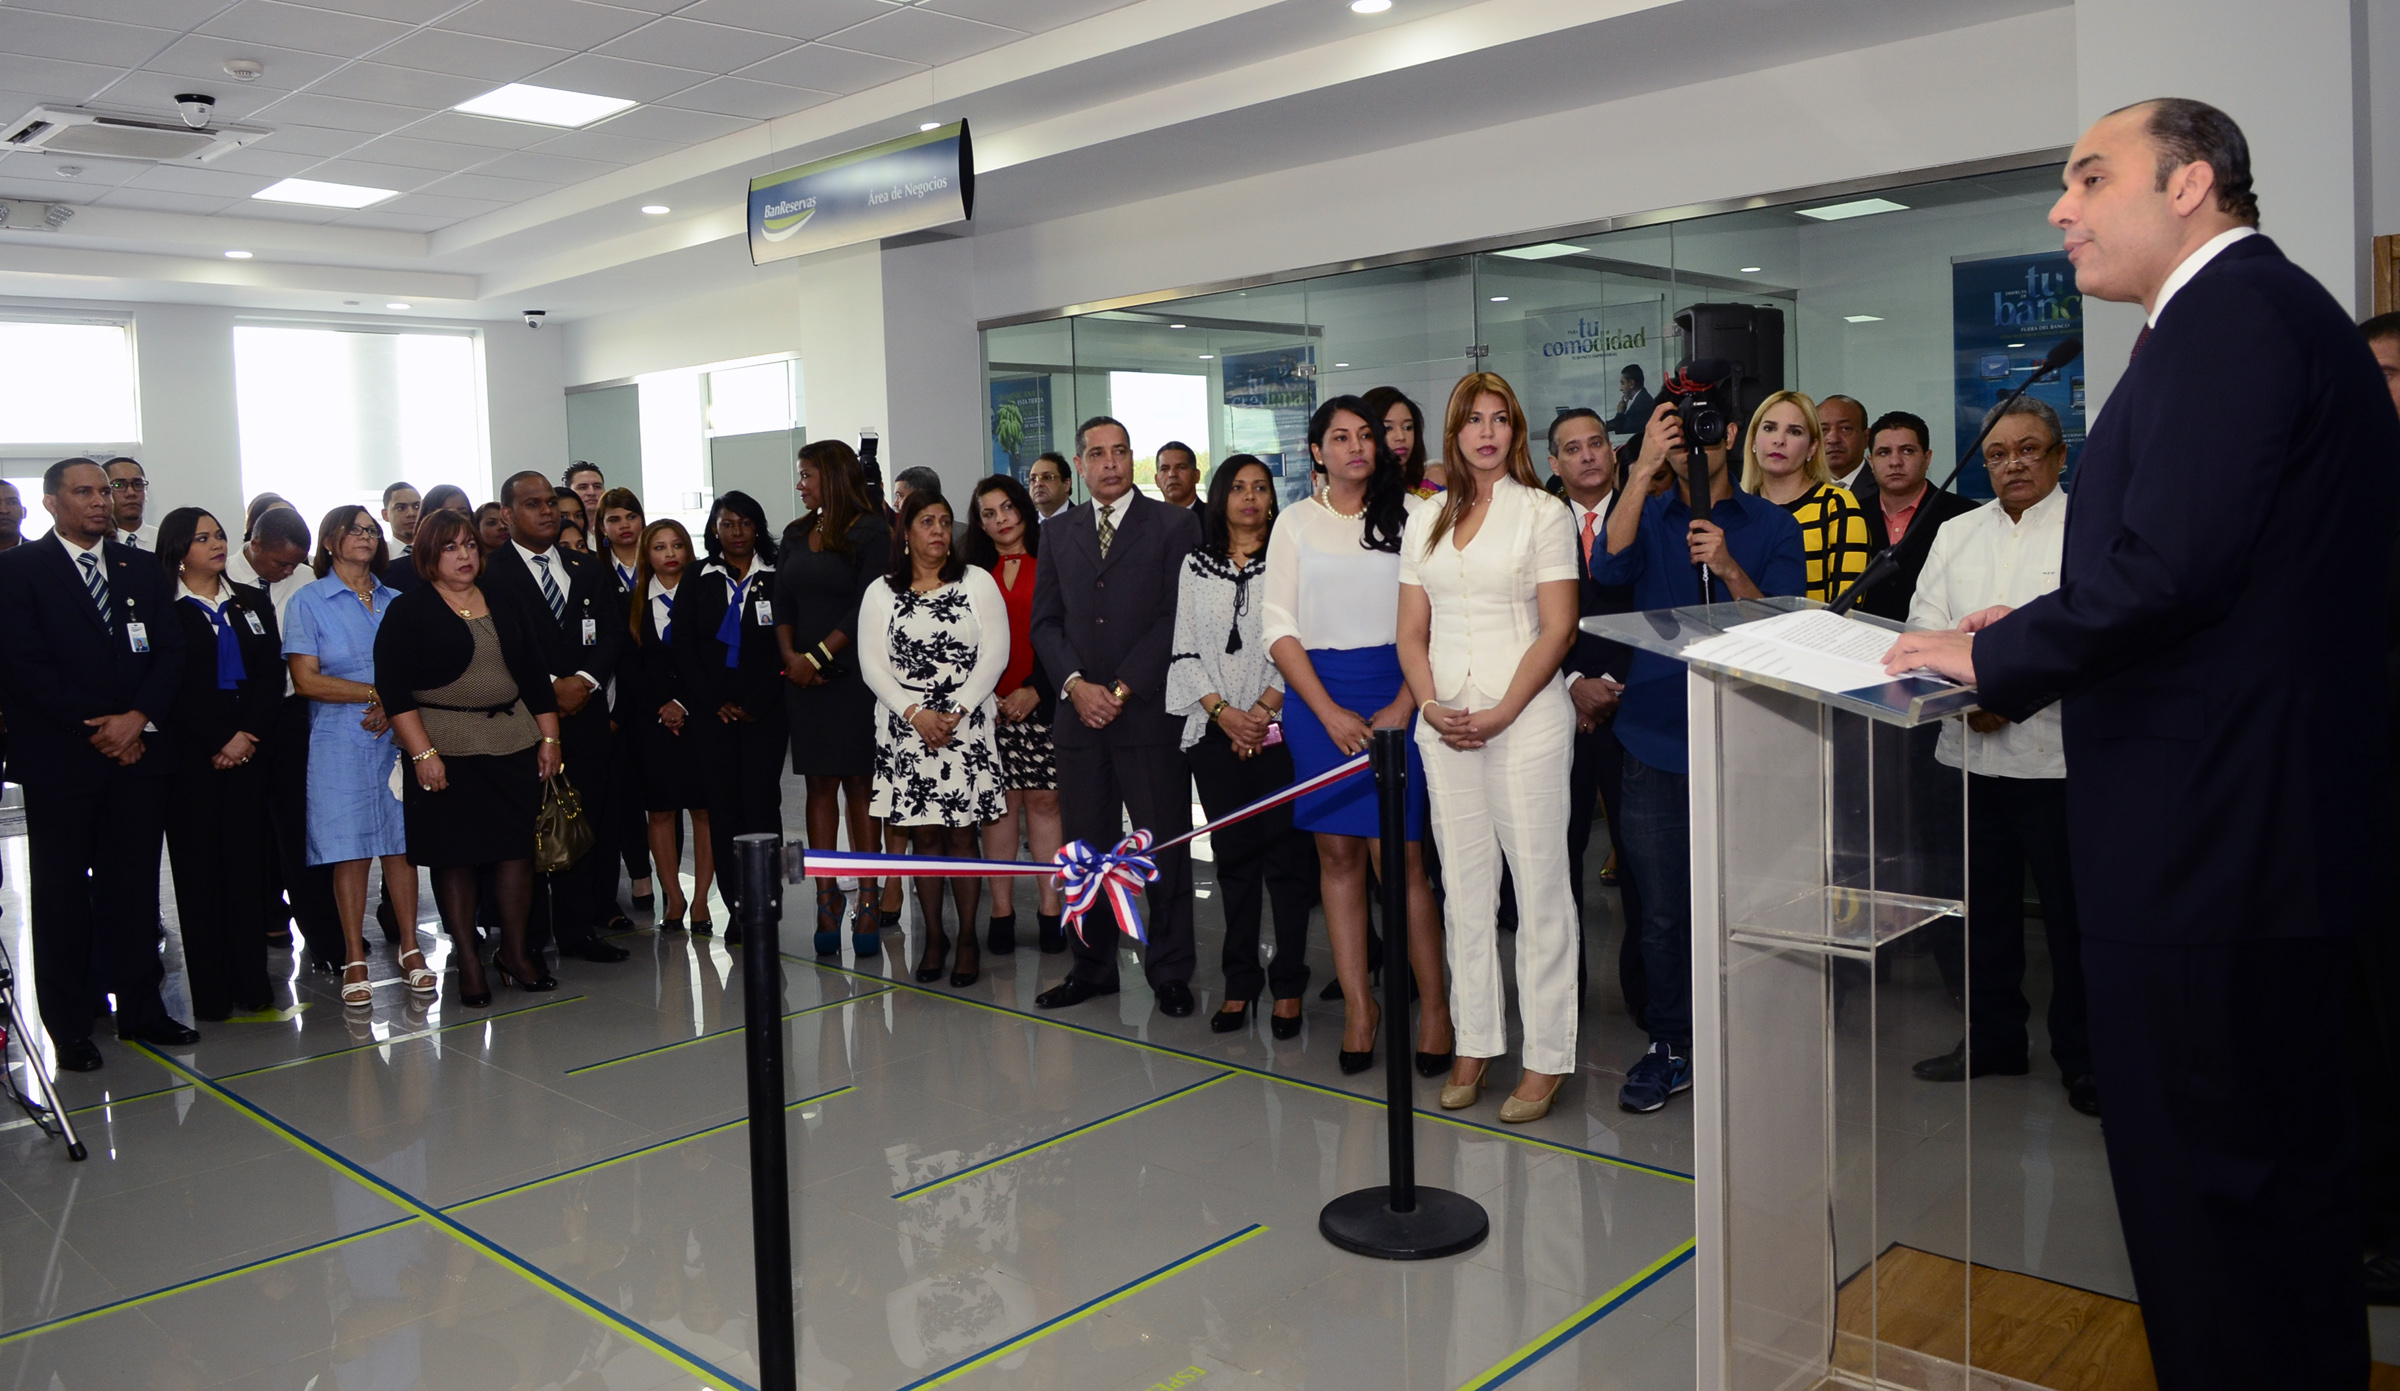 Enrique Ramírez Paniagua se dirige a los presentes durante la inauguración de la sucursal del BanReservas en el Merca Santo Domingo.